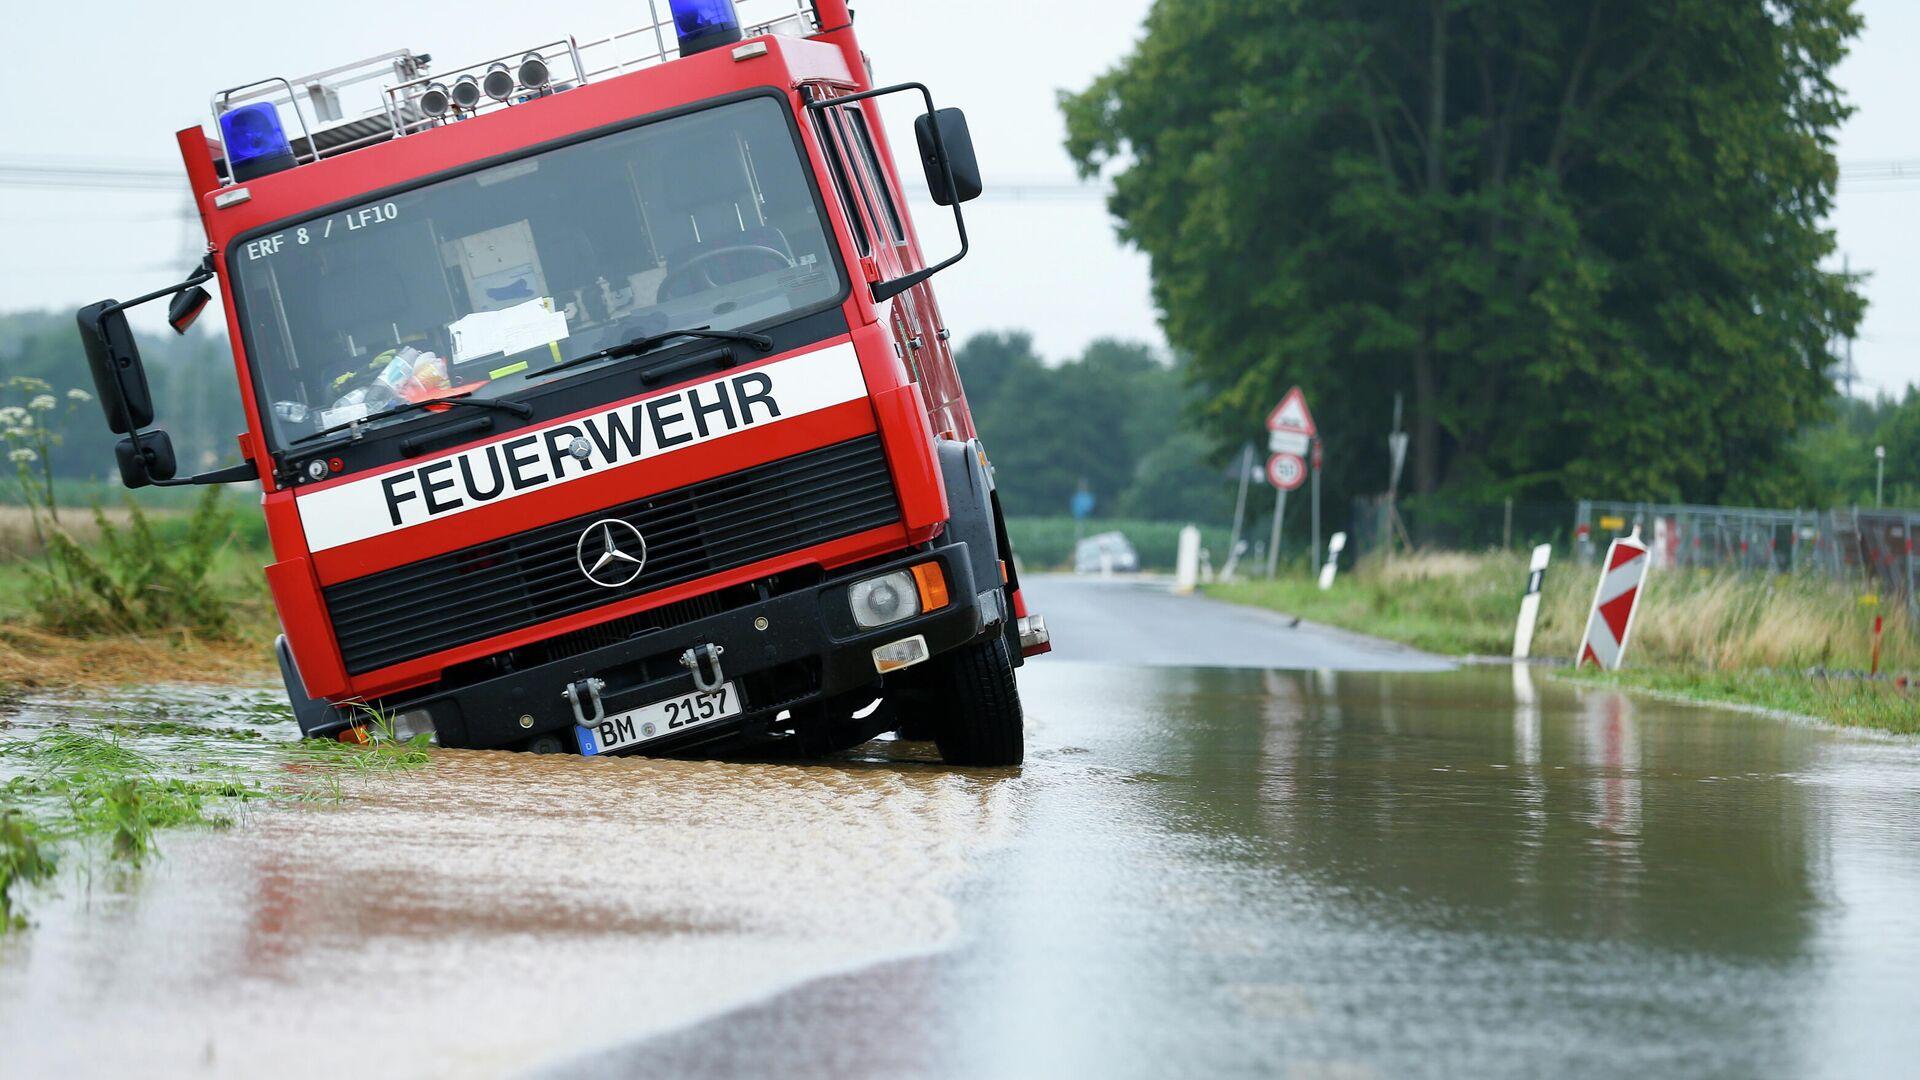 Überschwemmung in Erftstadt, Nordrhein-Westfalen - SNA, 1920, 16.07.2021